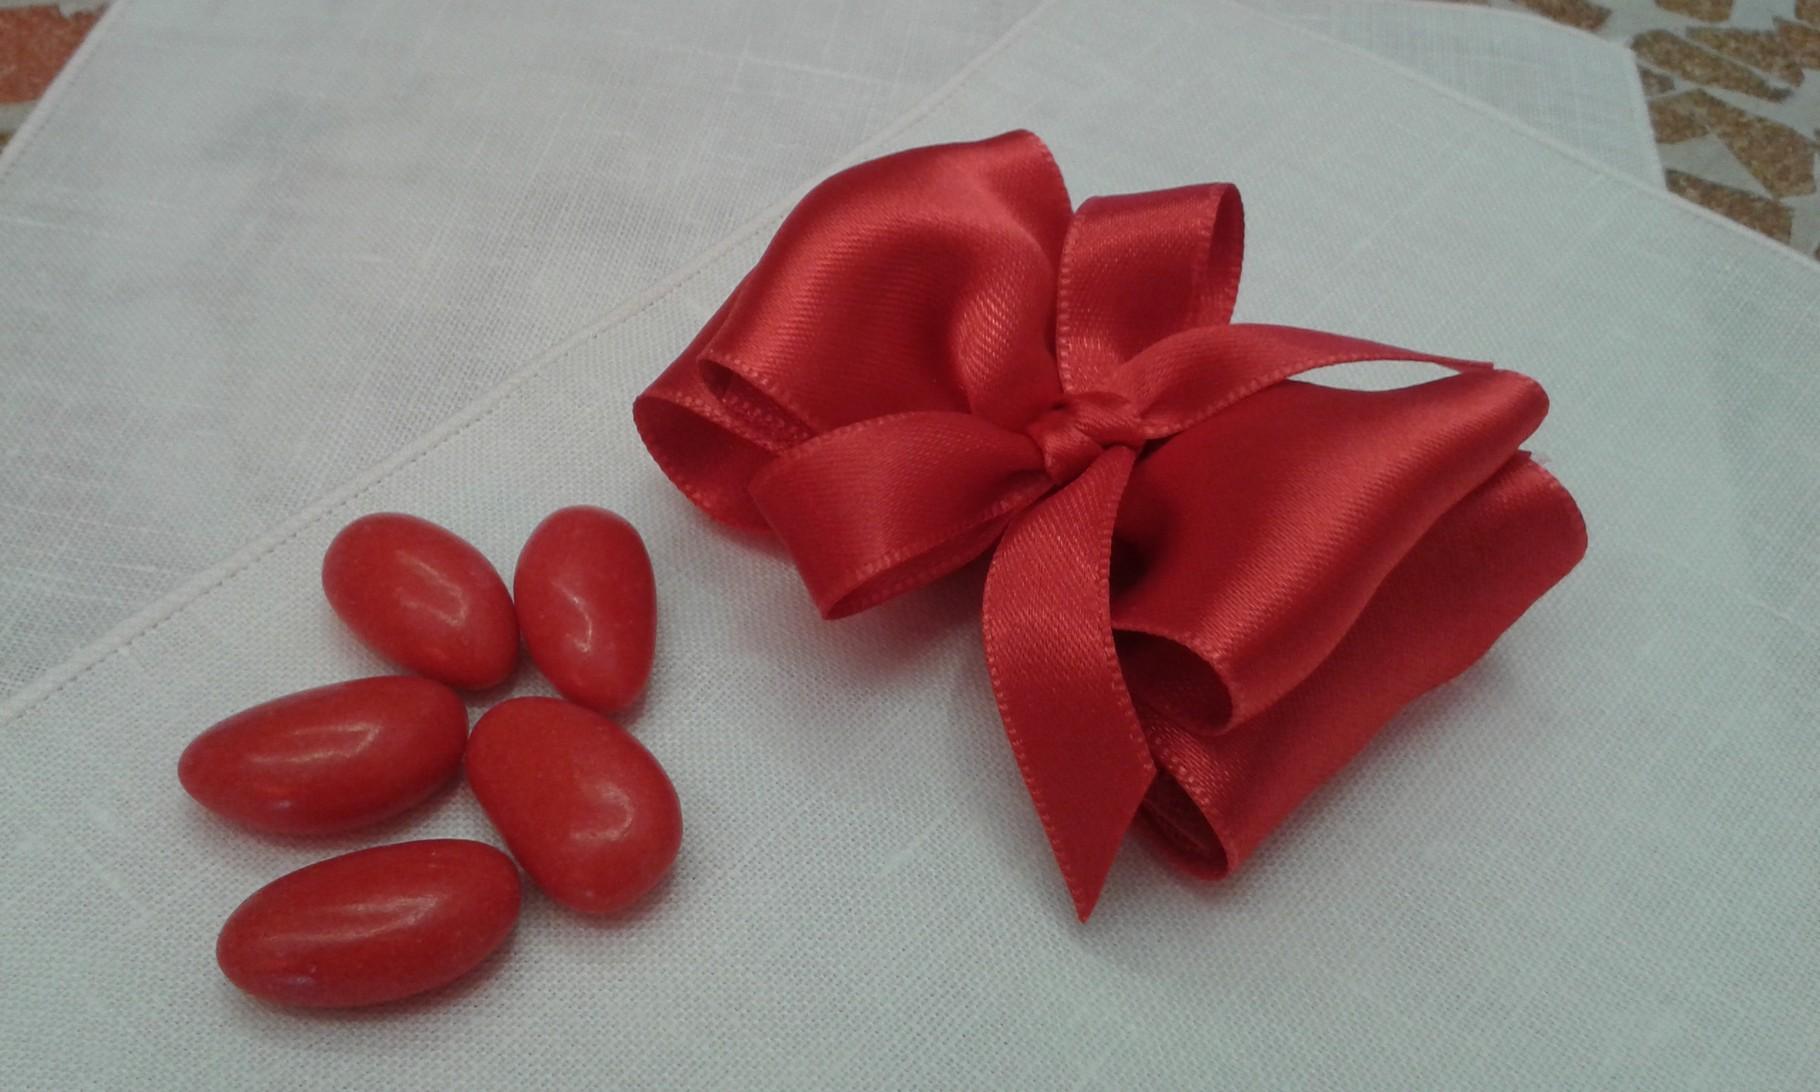 Il nastro di raso, piegato a formare un doppio fiocco contiene i confetti rossi